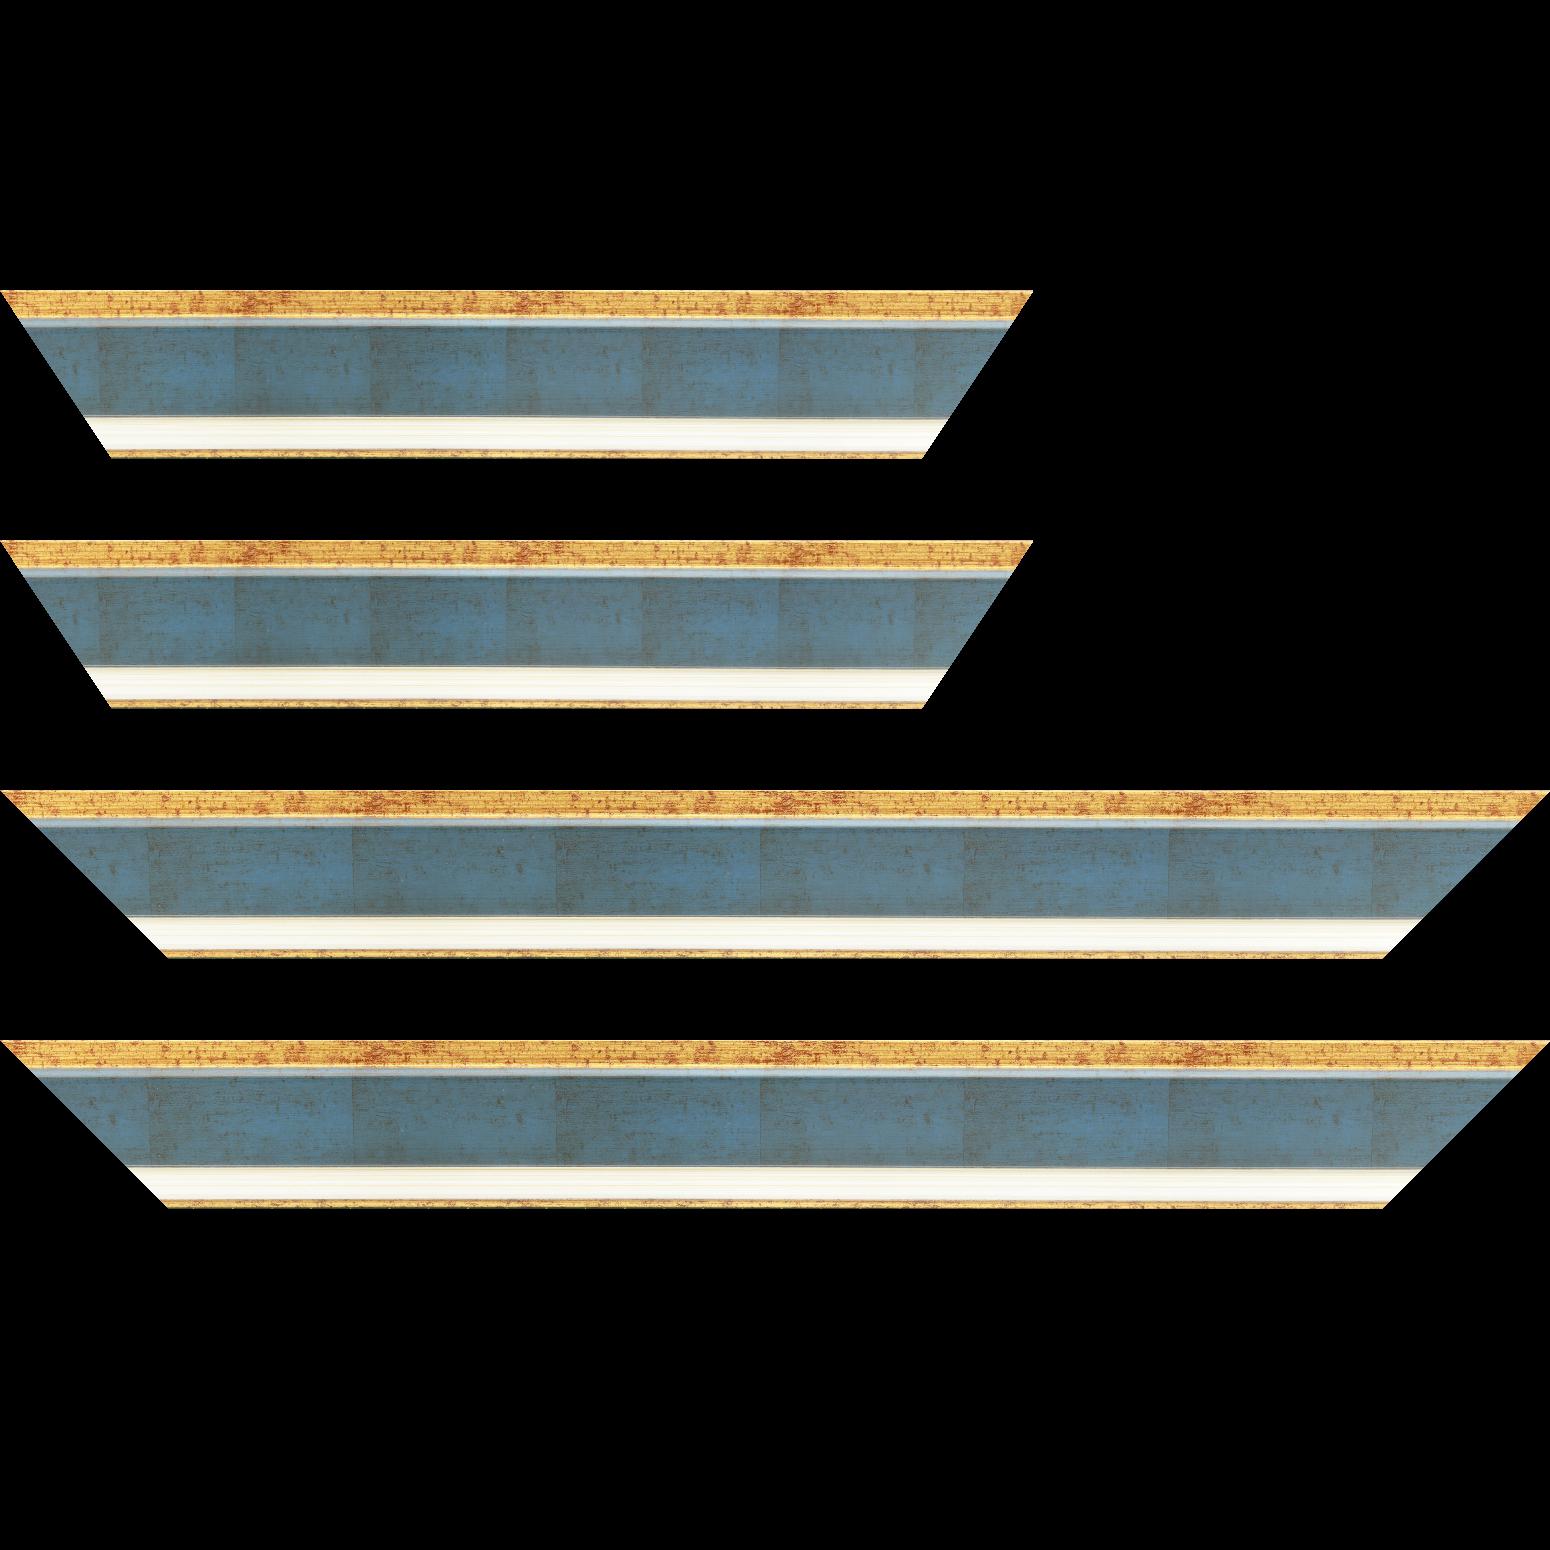 Baguette service précoupé bois profil incliné largeur 5.4cm couleur bleu cobalt marie louise crème filet or intégrée